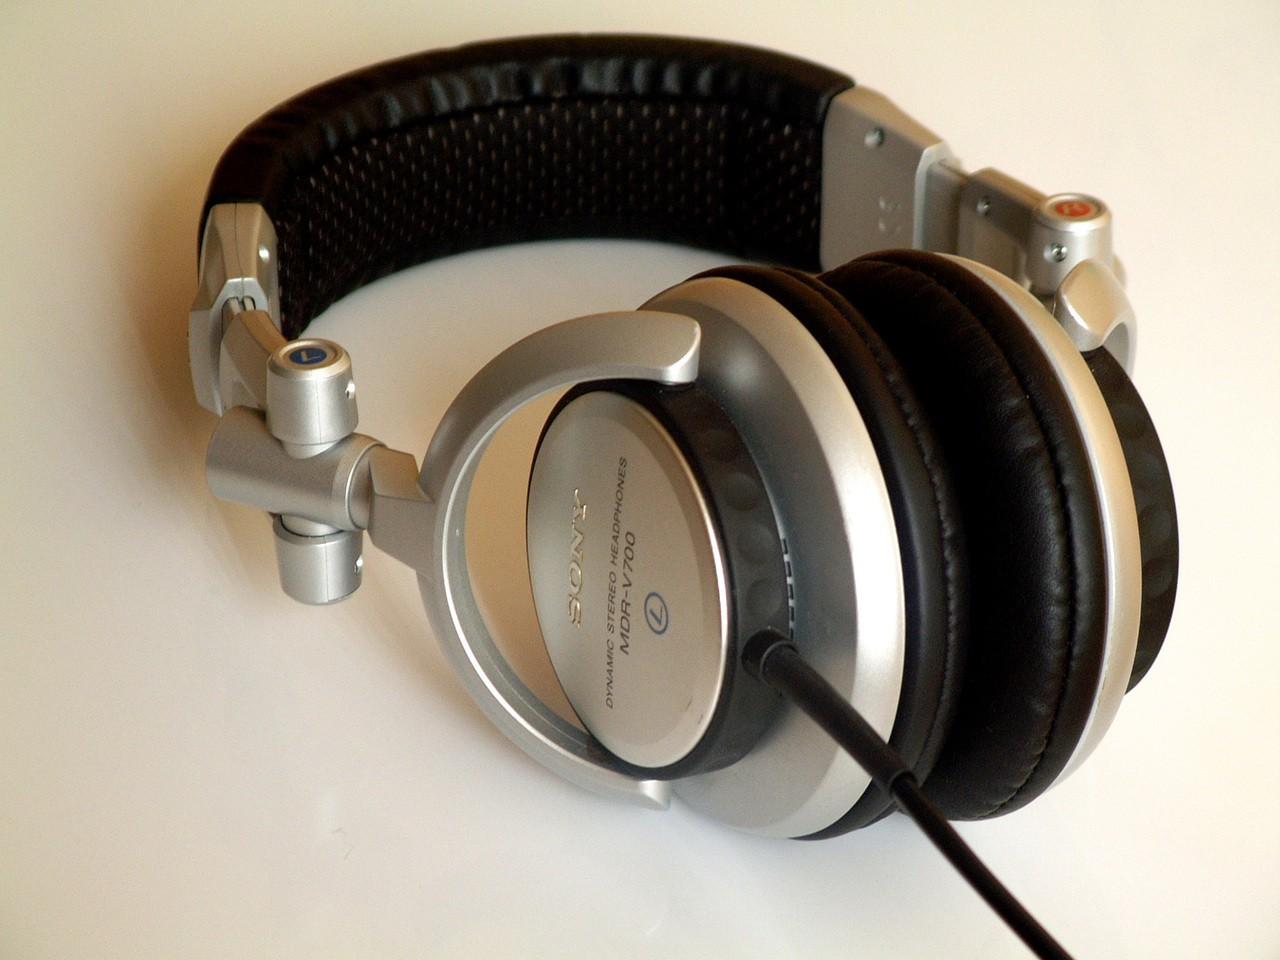 Słuchawki gamingowe – na co zwrócić uwagę przy ich zakupie?